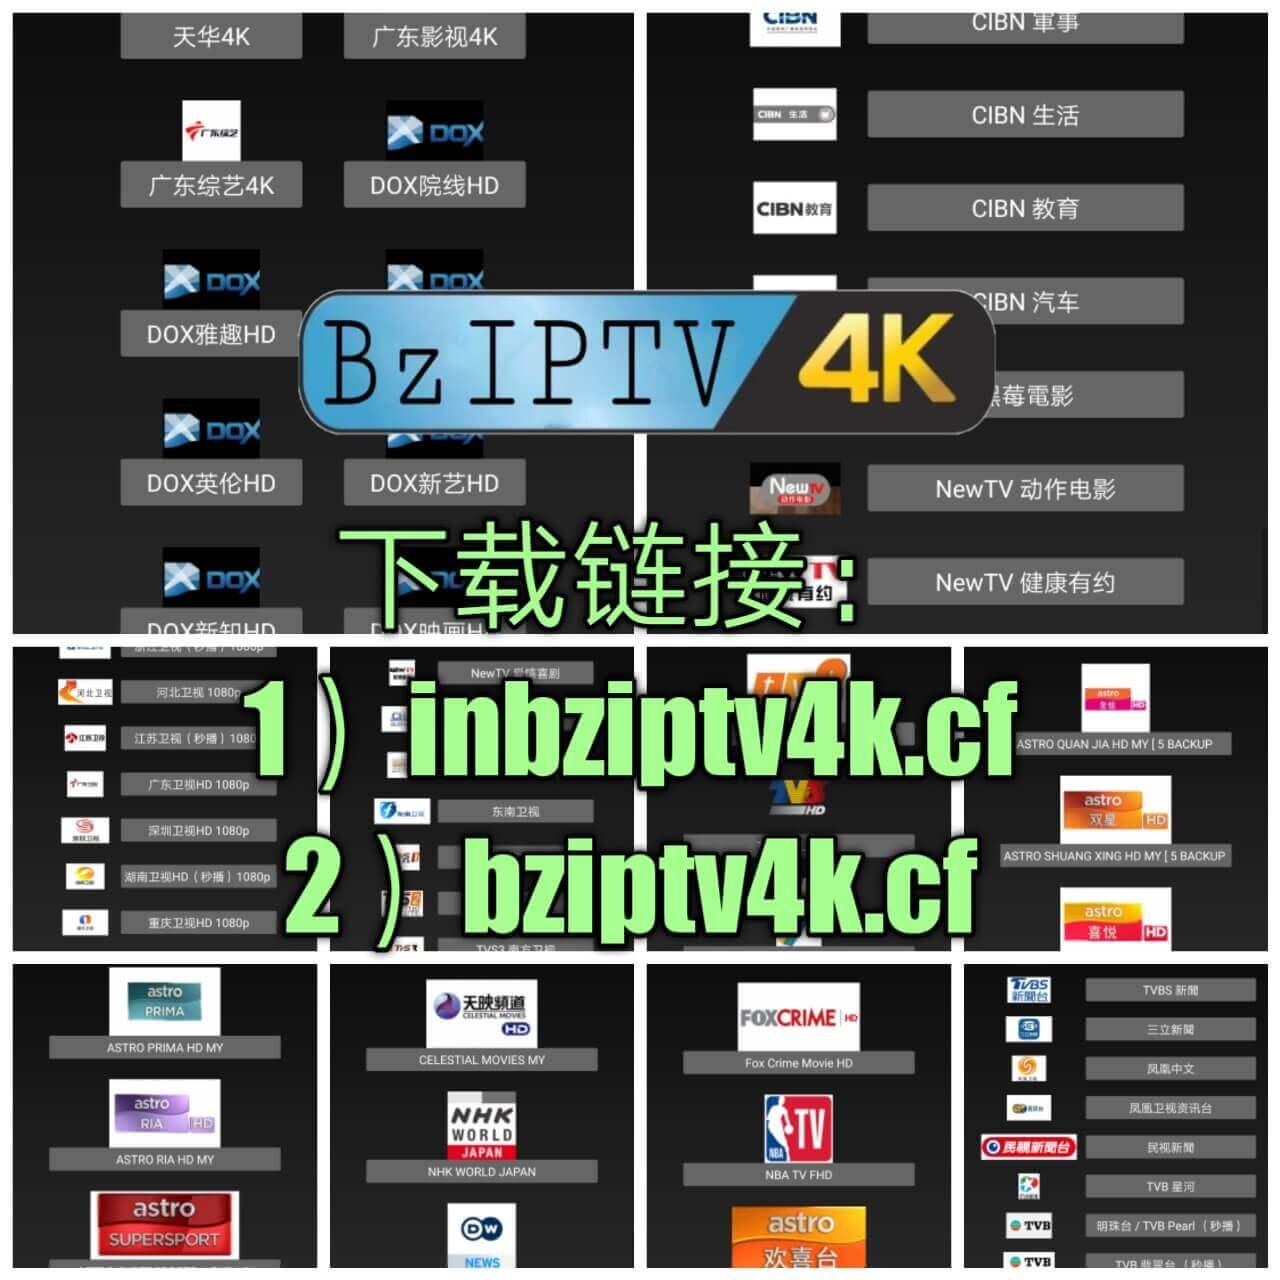 BzIPTV 4K 电视直播软件